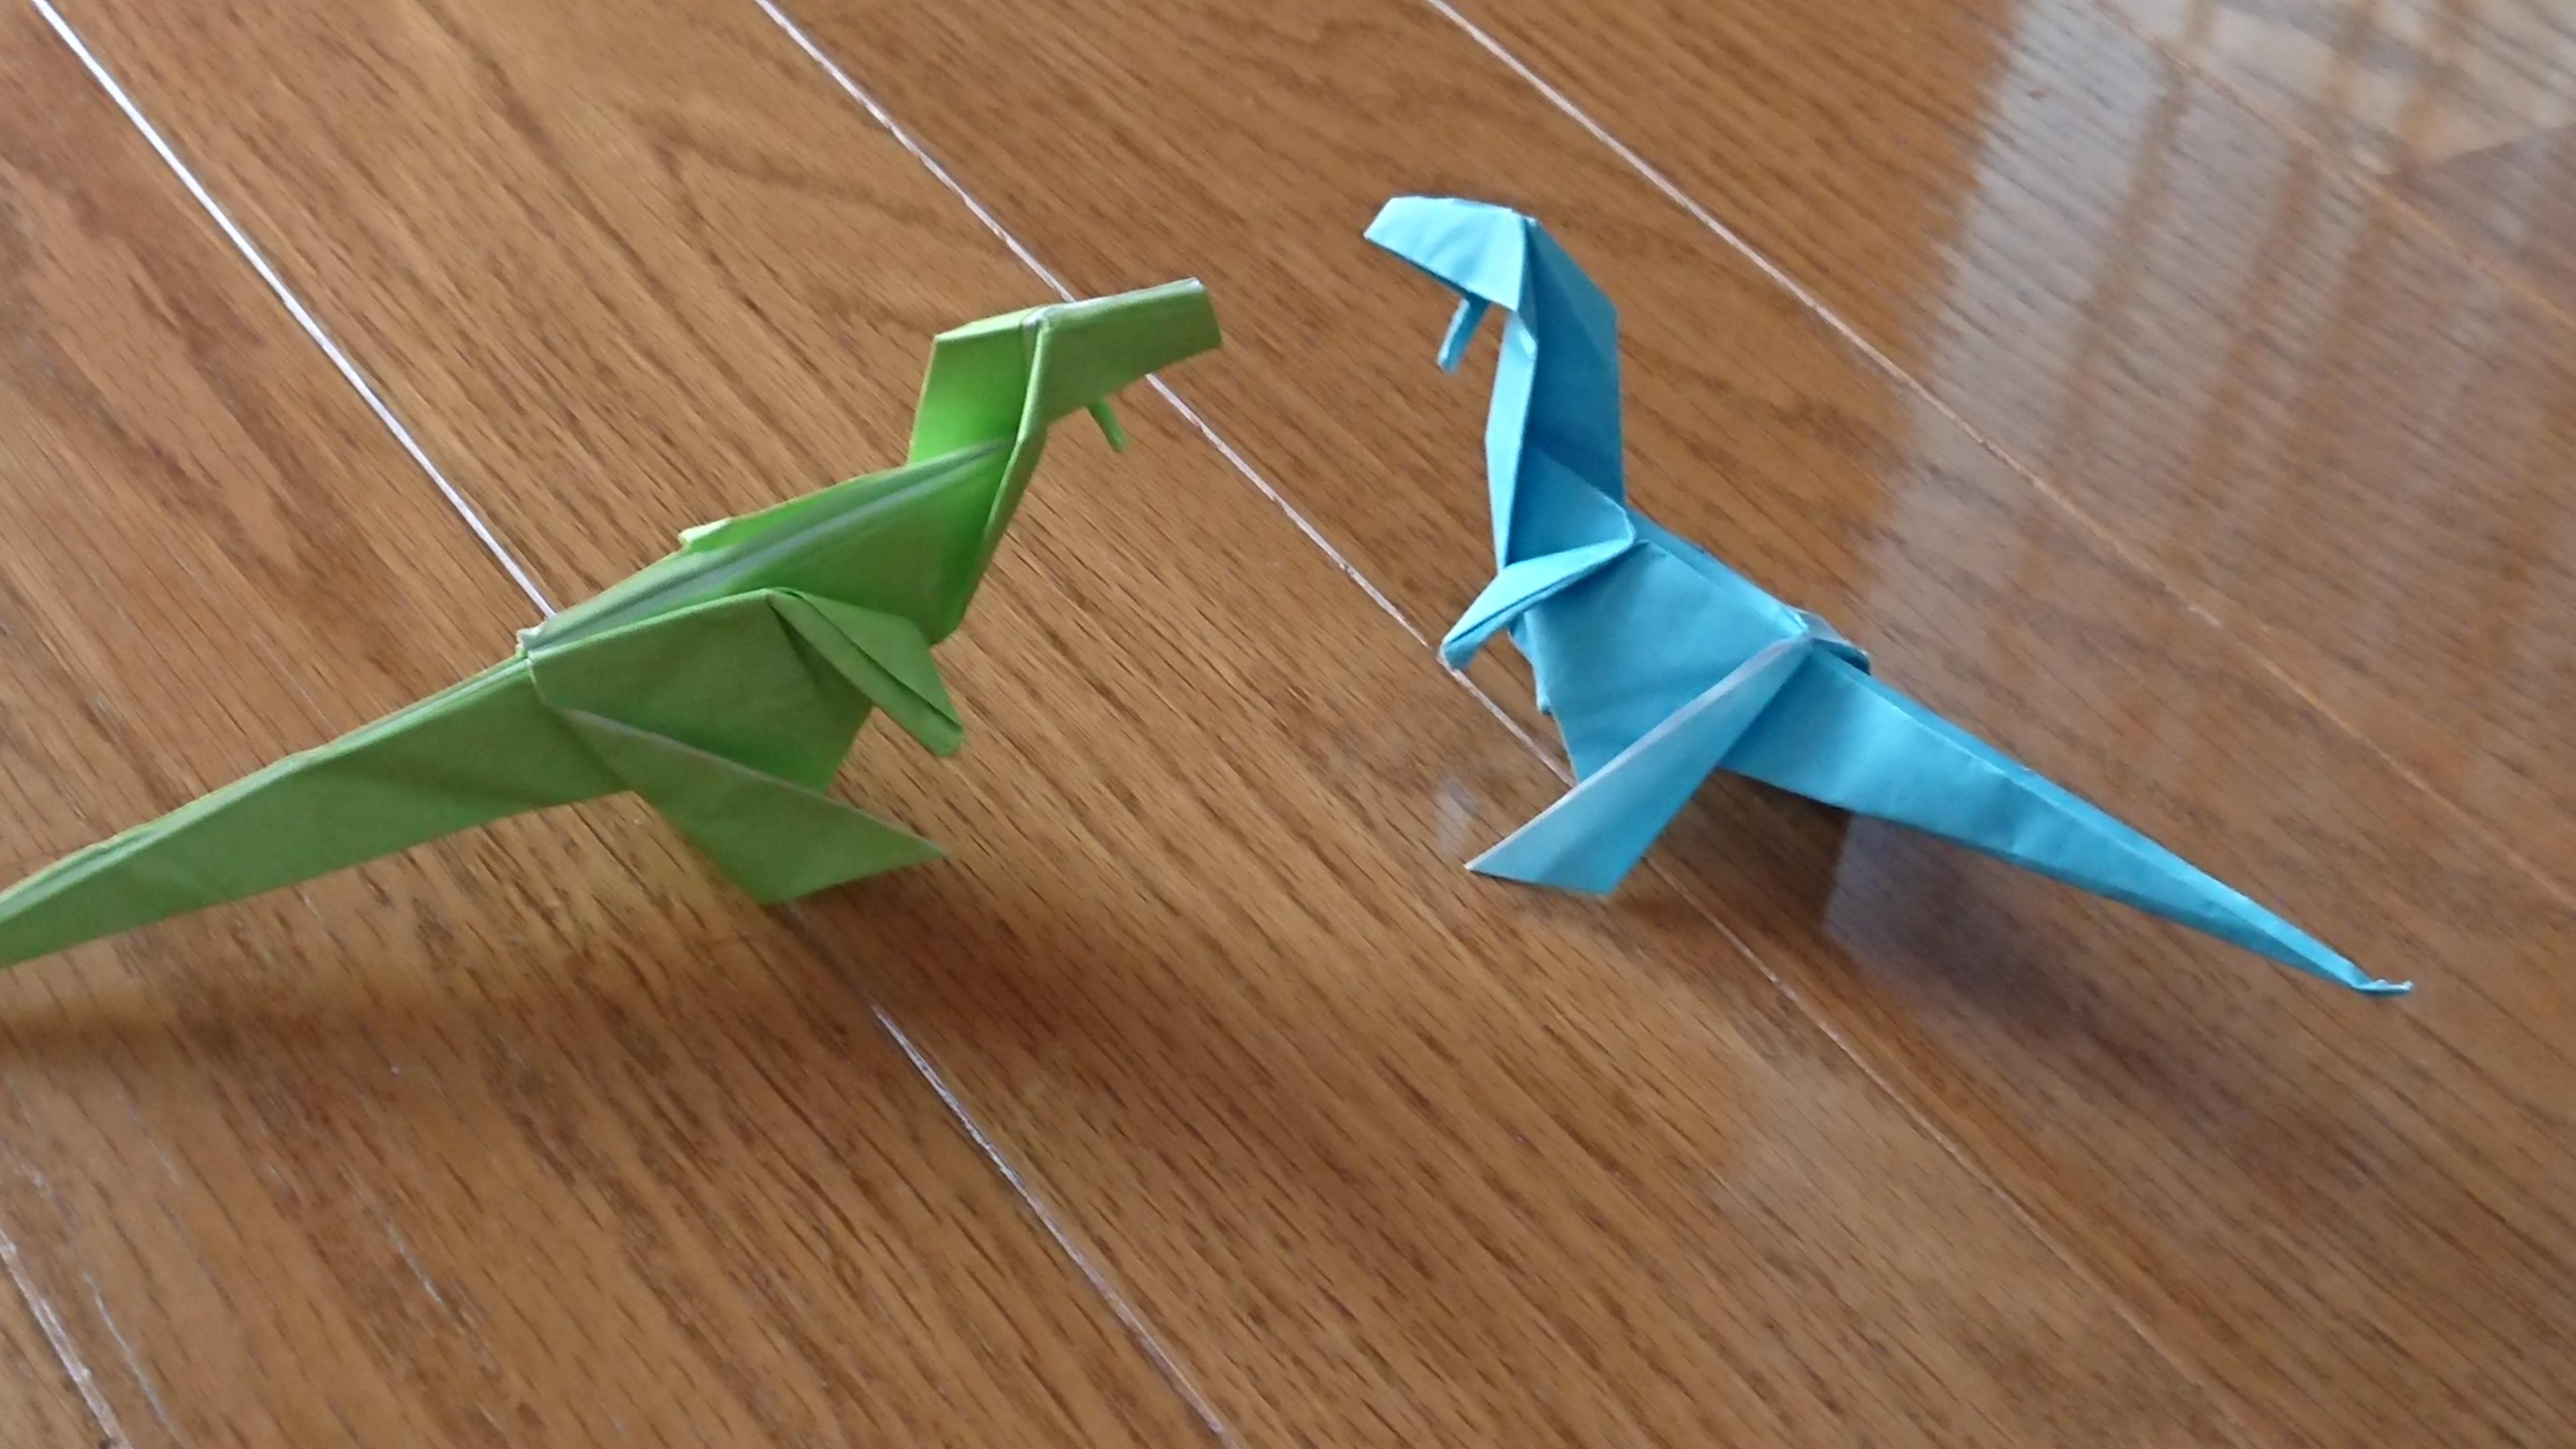 恐竜「エオラプトル」を折り紙で折ろう!作り方と折るポイントを紹介